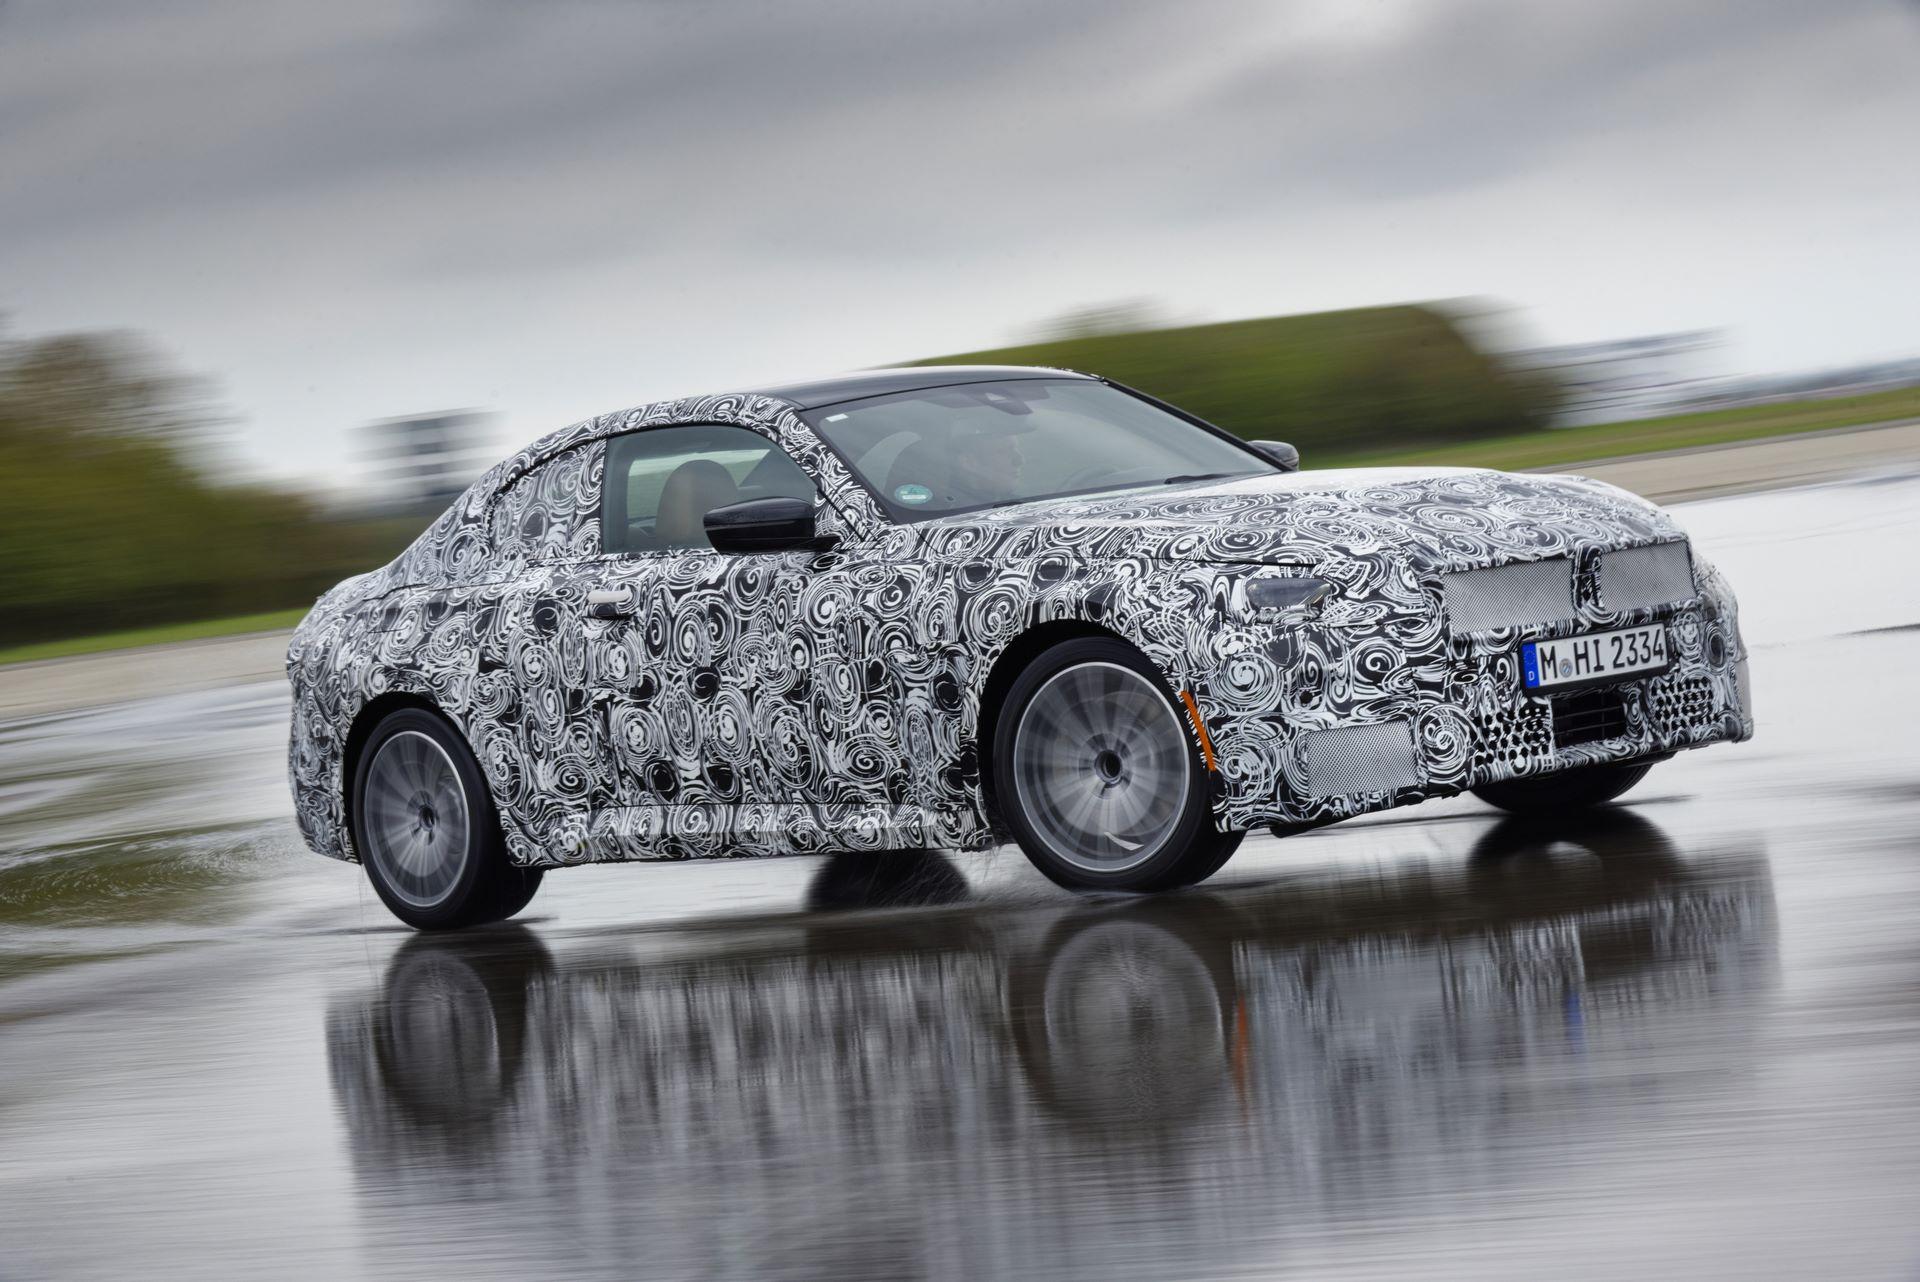 BMW-2-Series-M240i-spy-photos-35